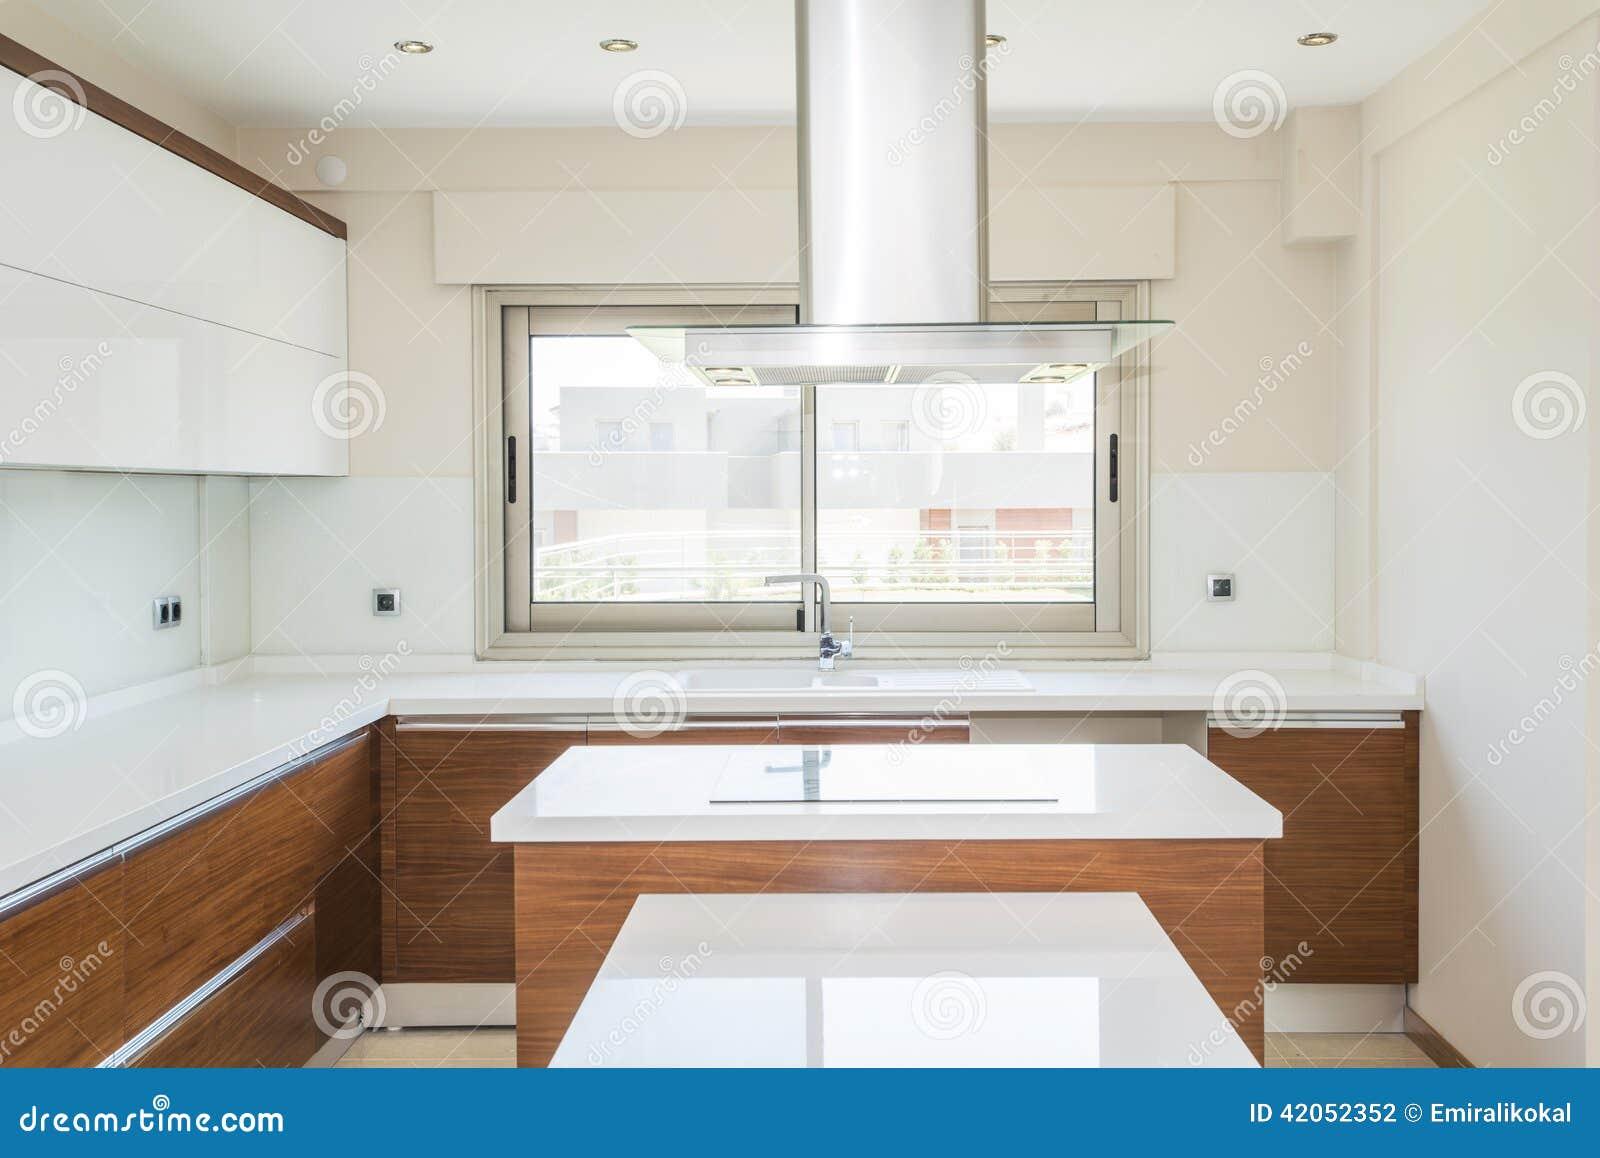 Cozinha Moderna Brilhante Foto de Stock Imagem: 42052352 #83A328 1300 958